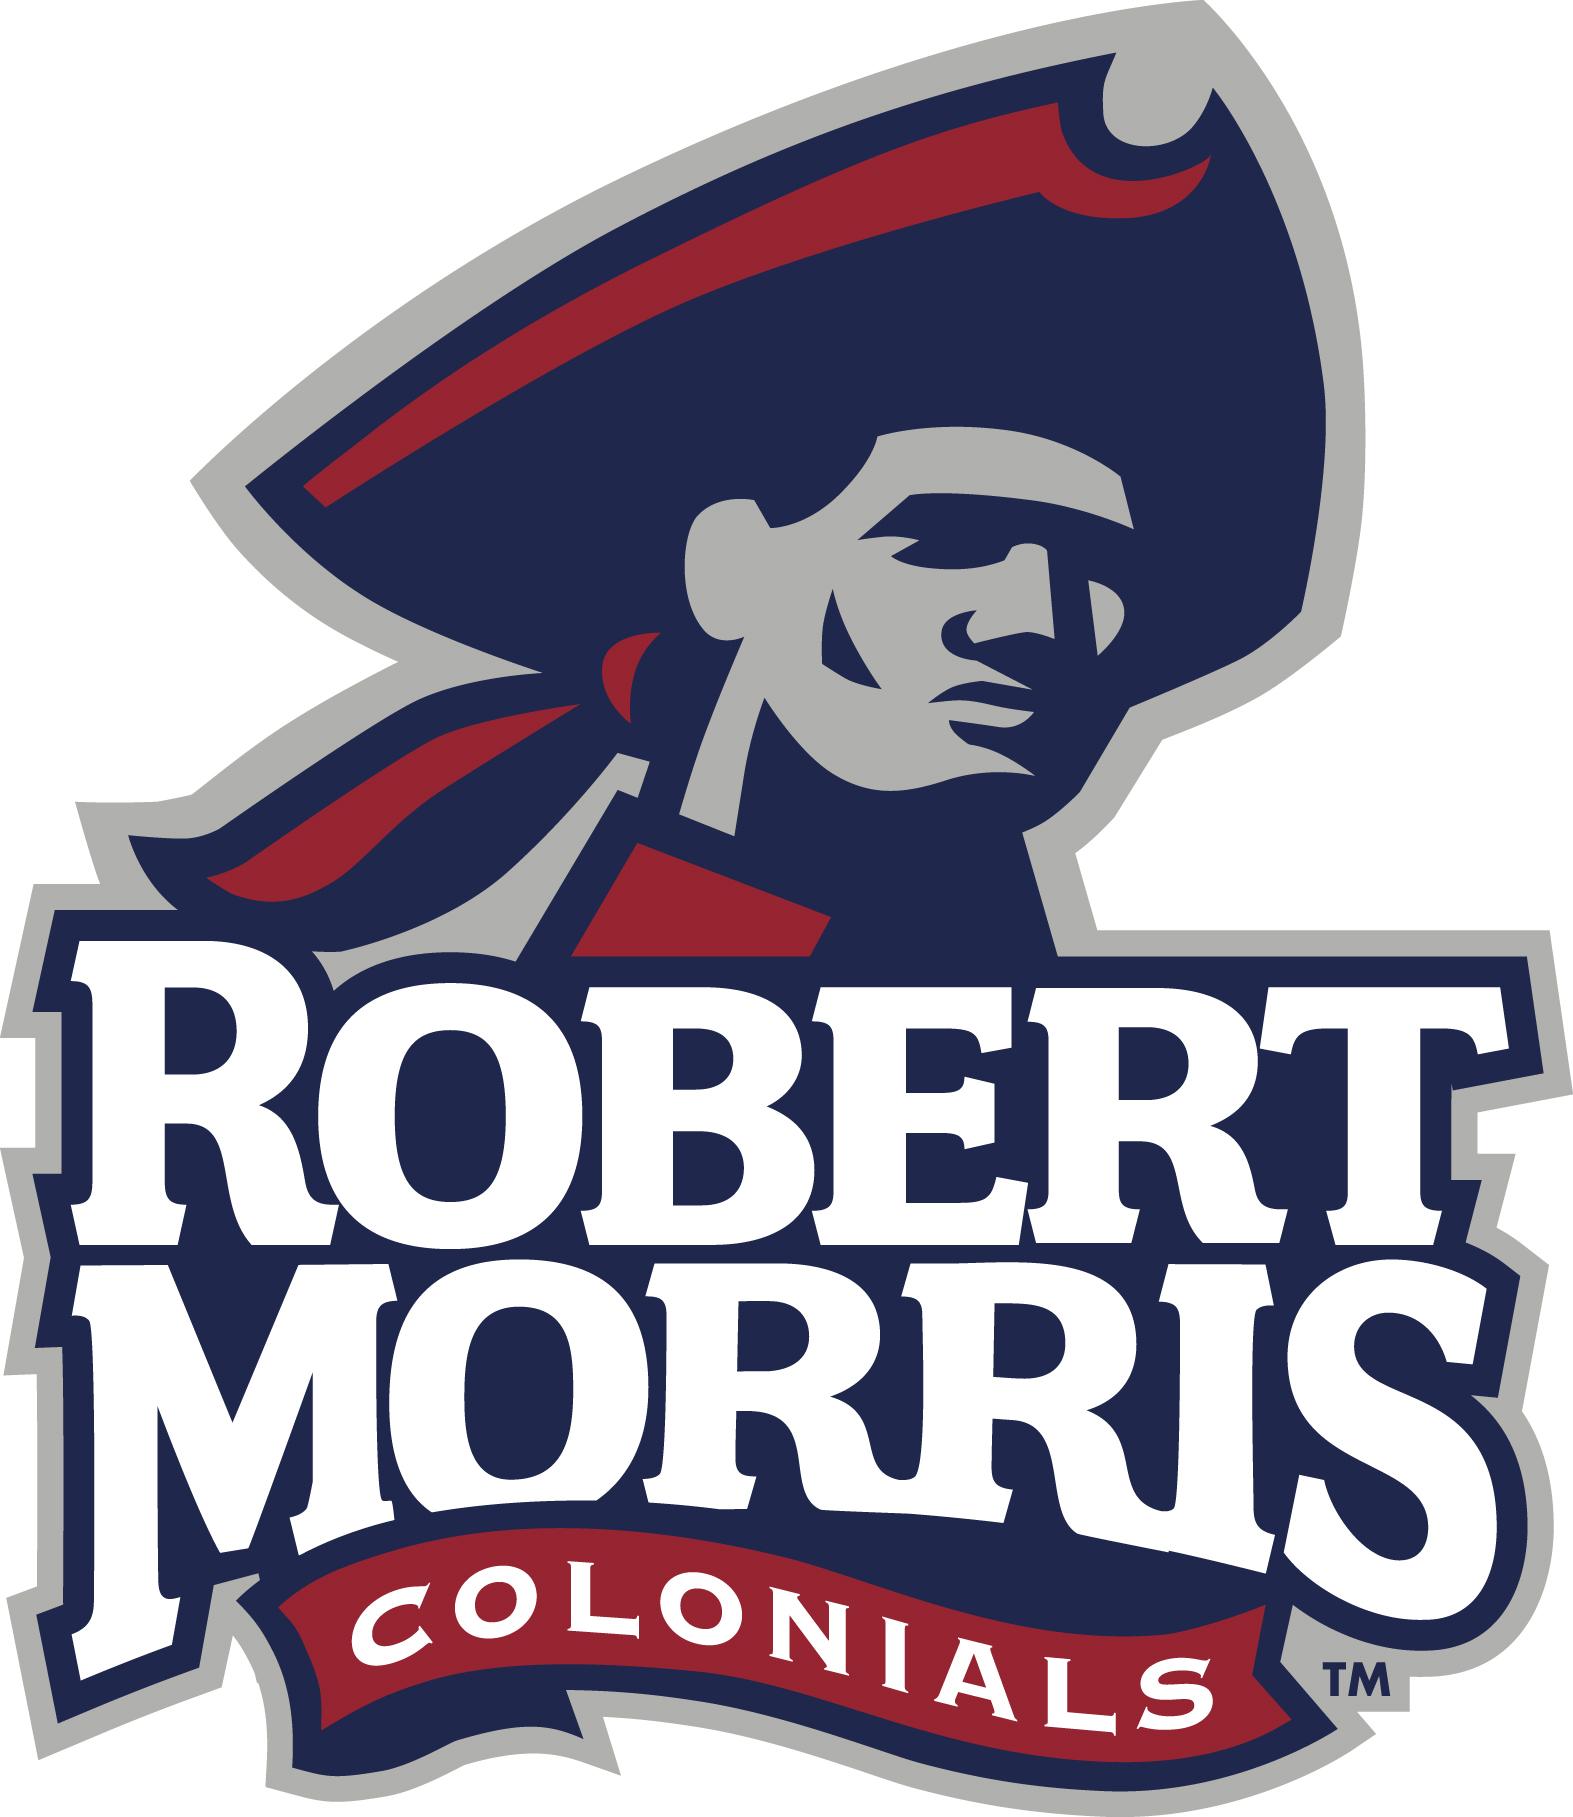 Robert Morris Colonials Lacrosse Roster